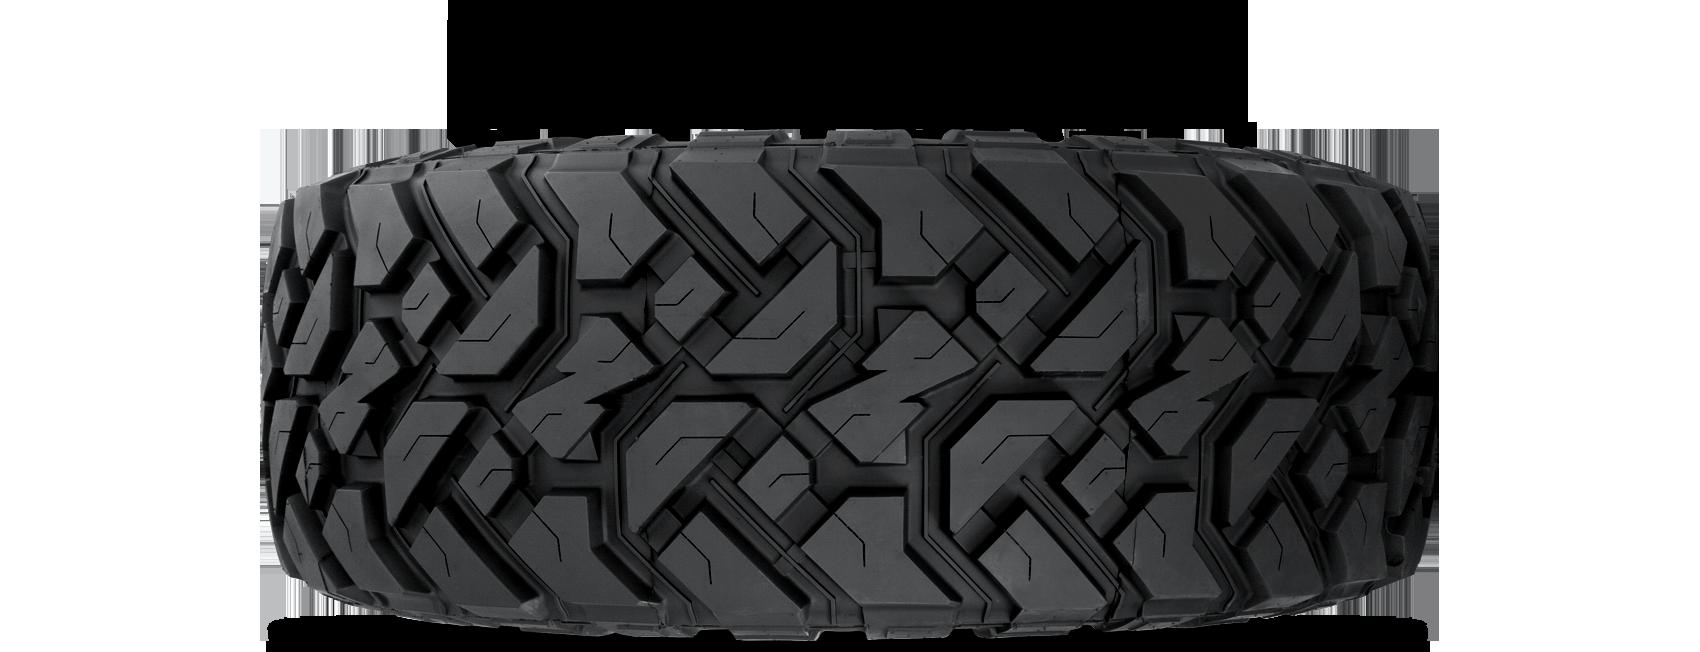 Gripper Truck Tires